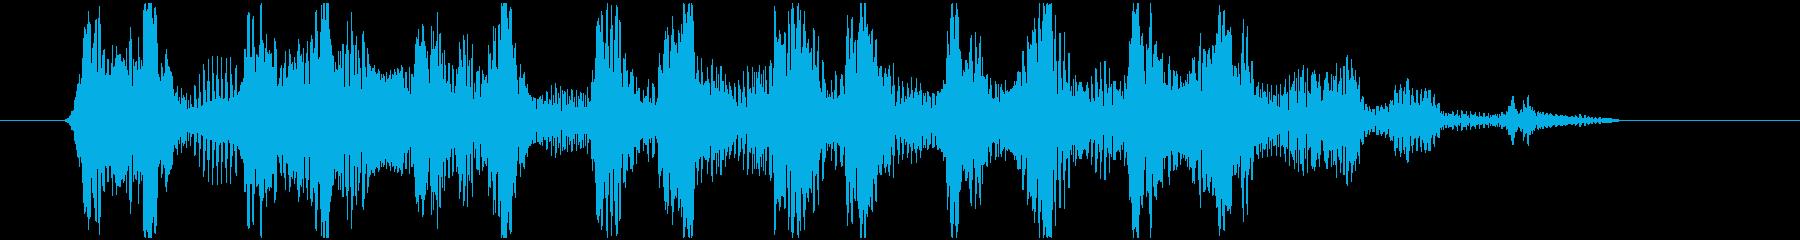 ワゥワゥワゥ 効果音シンセ HIGHの再生済みの波形